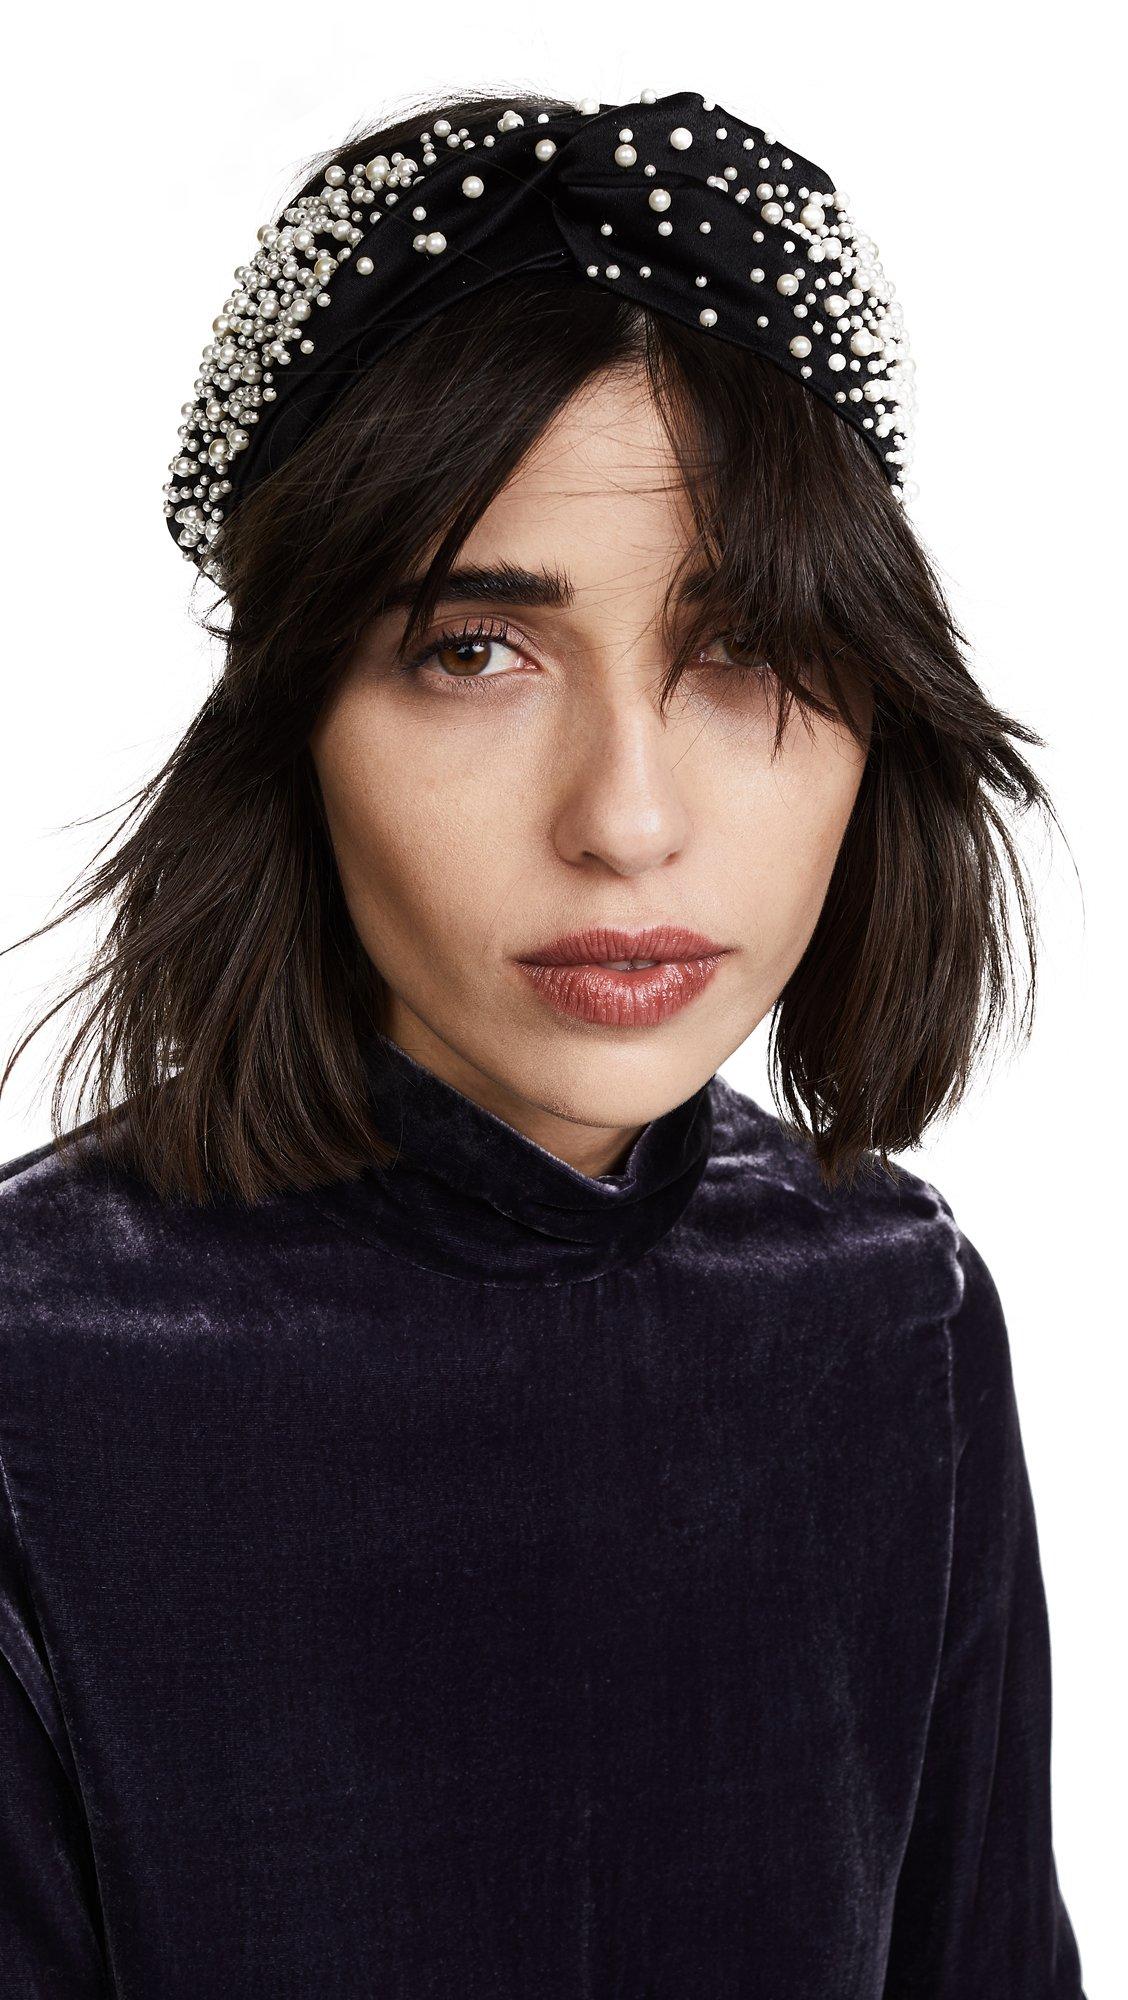 Jennifer Behr Women's Imitation Pearl Encrusted Head Wrap, Black/Pearl, One Size by Jennifer Behr